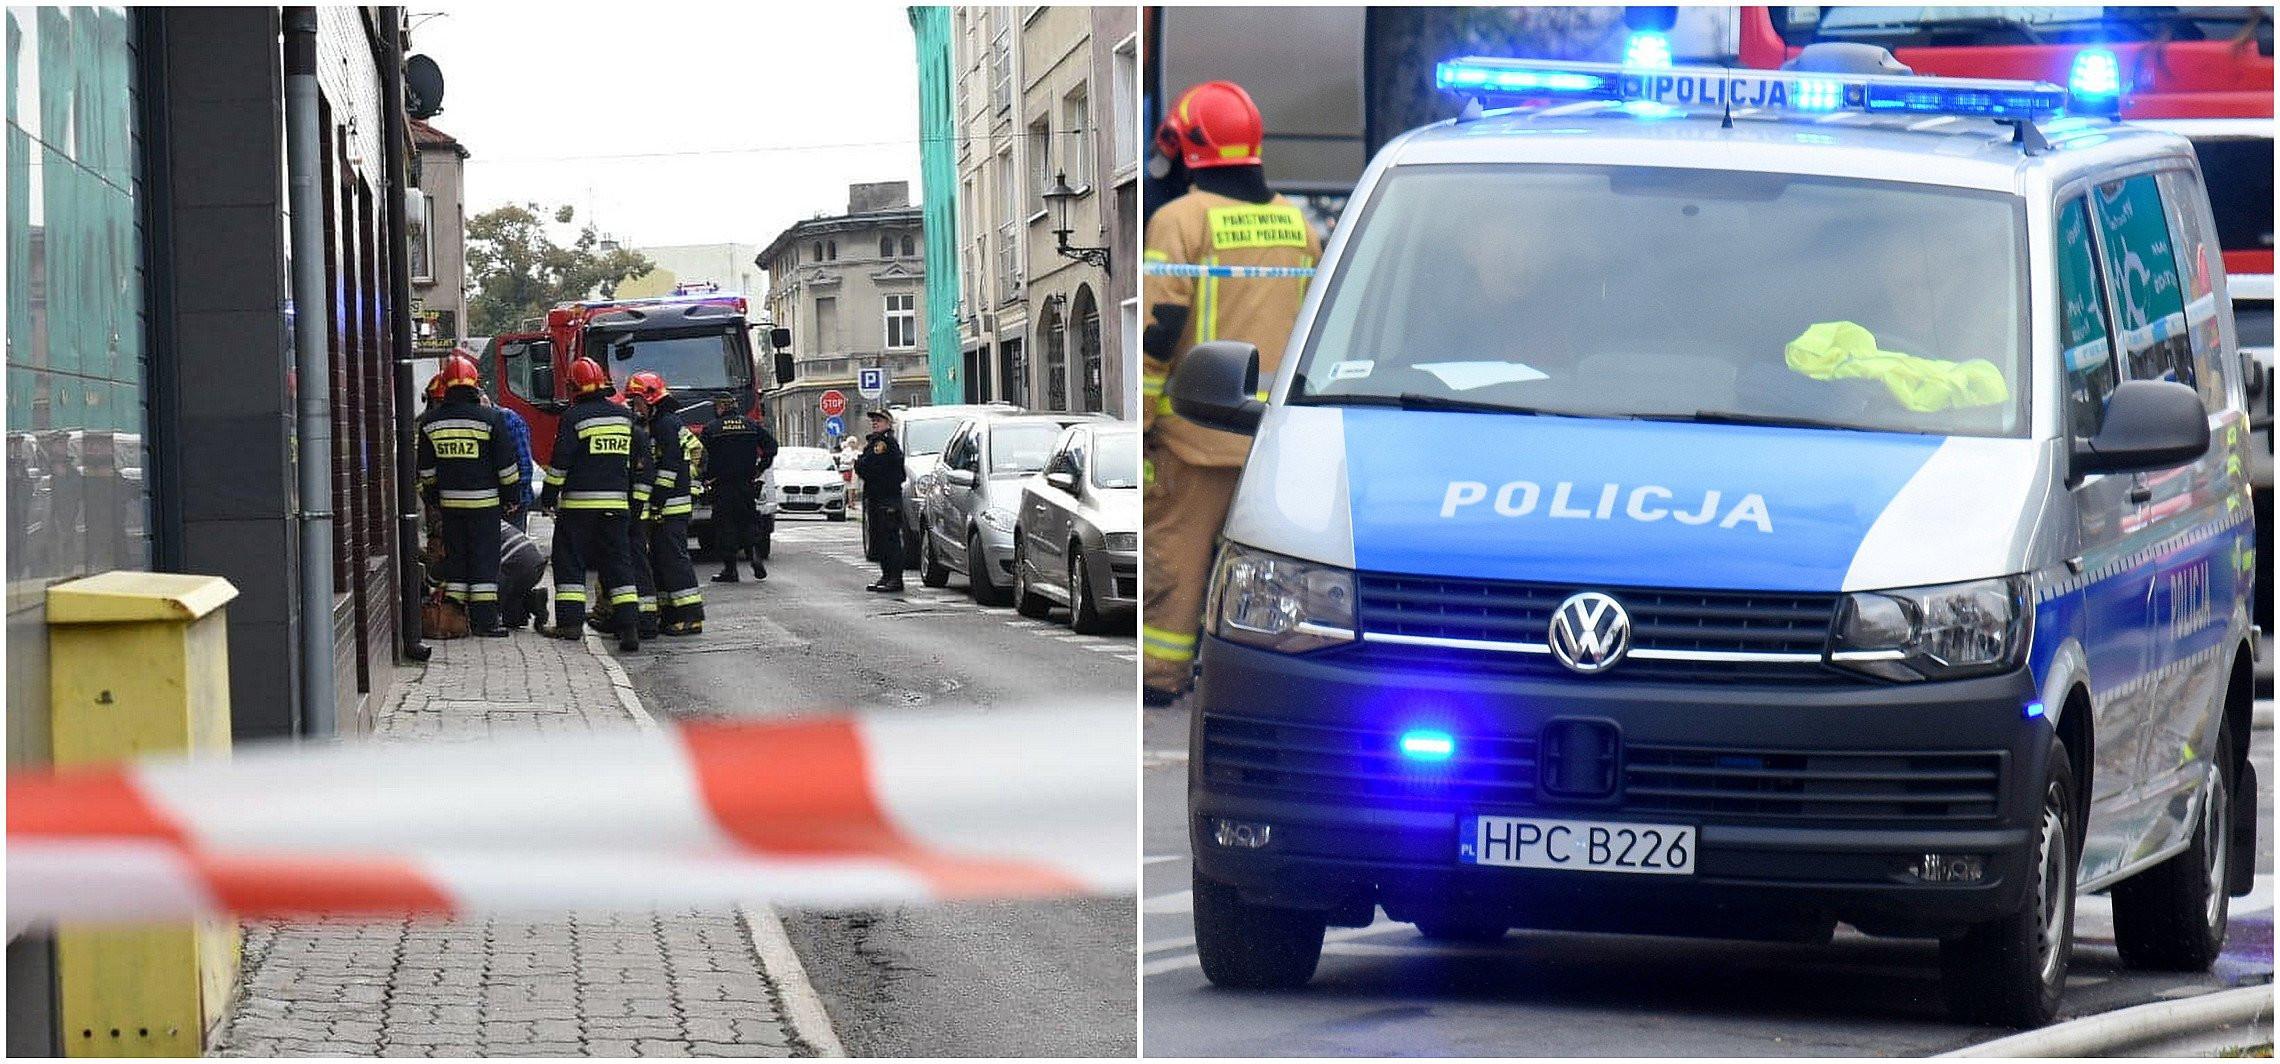 Inowrocław - Policyjny pościg ulicami miasta